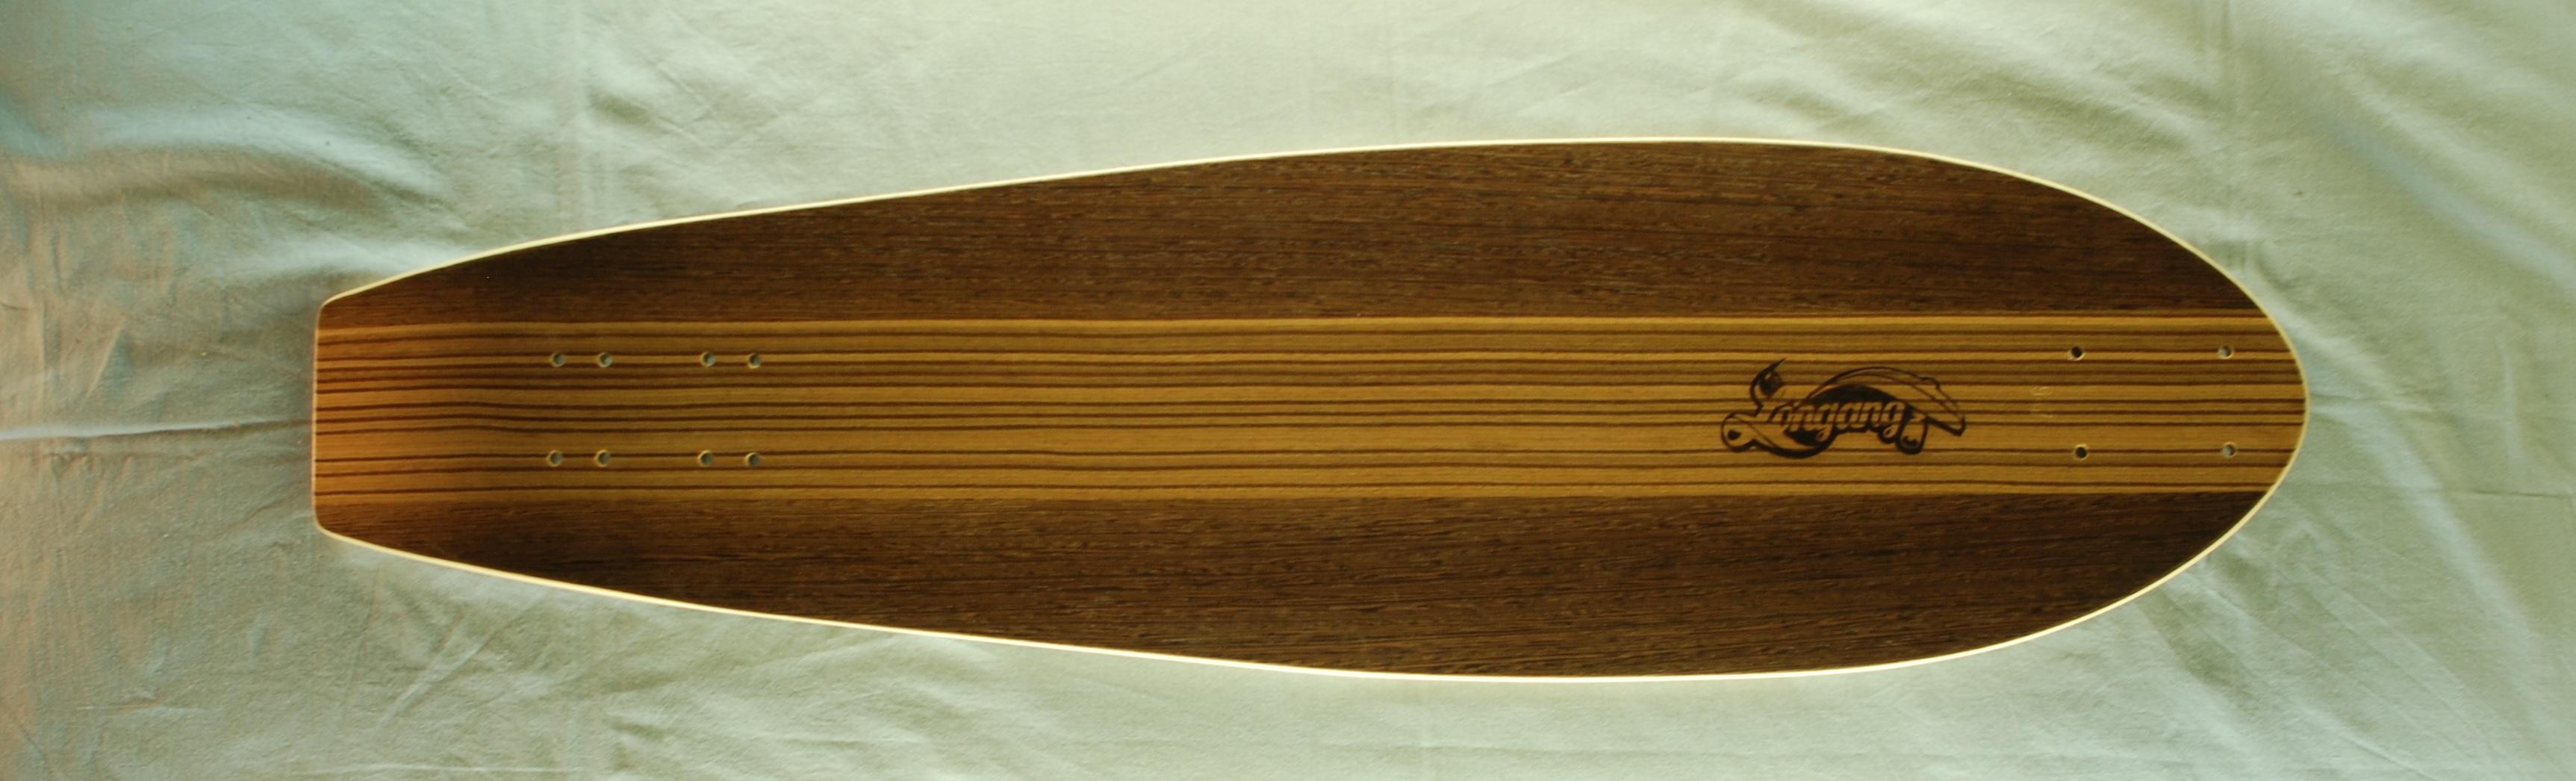 Longang side by side cruiser - longboard deska